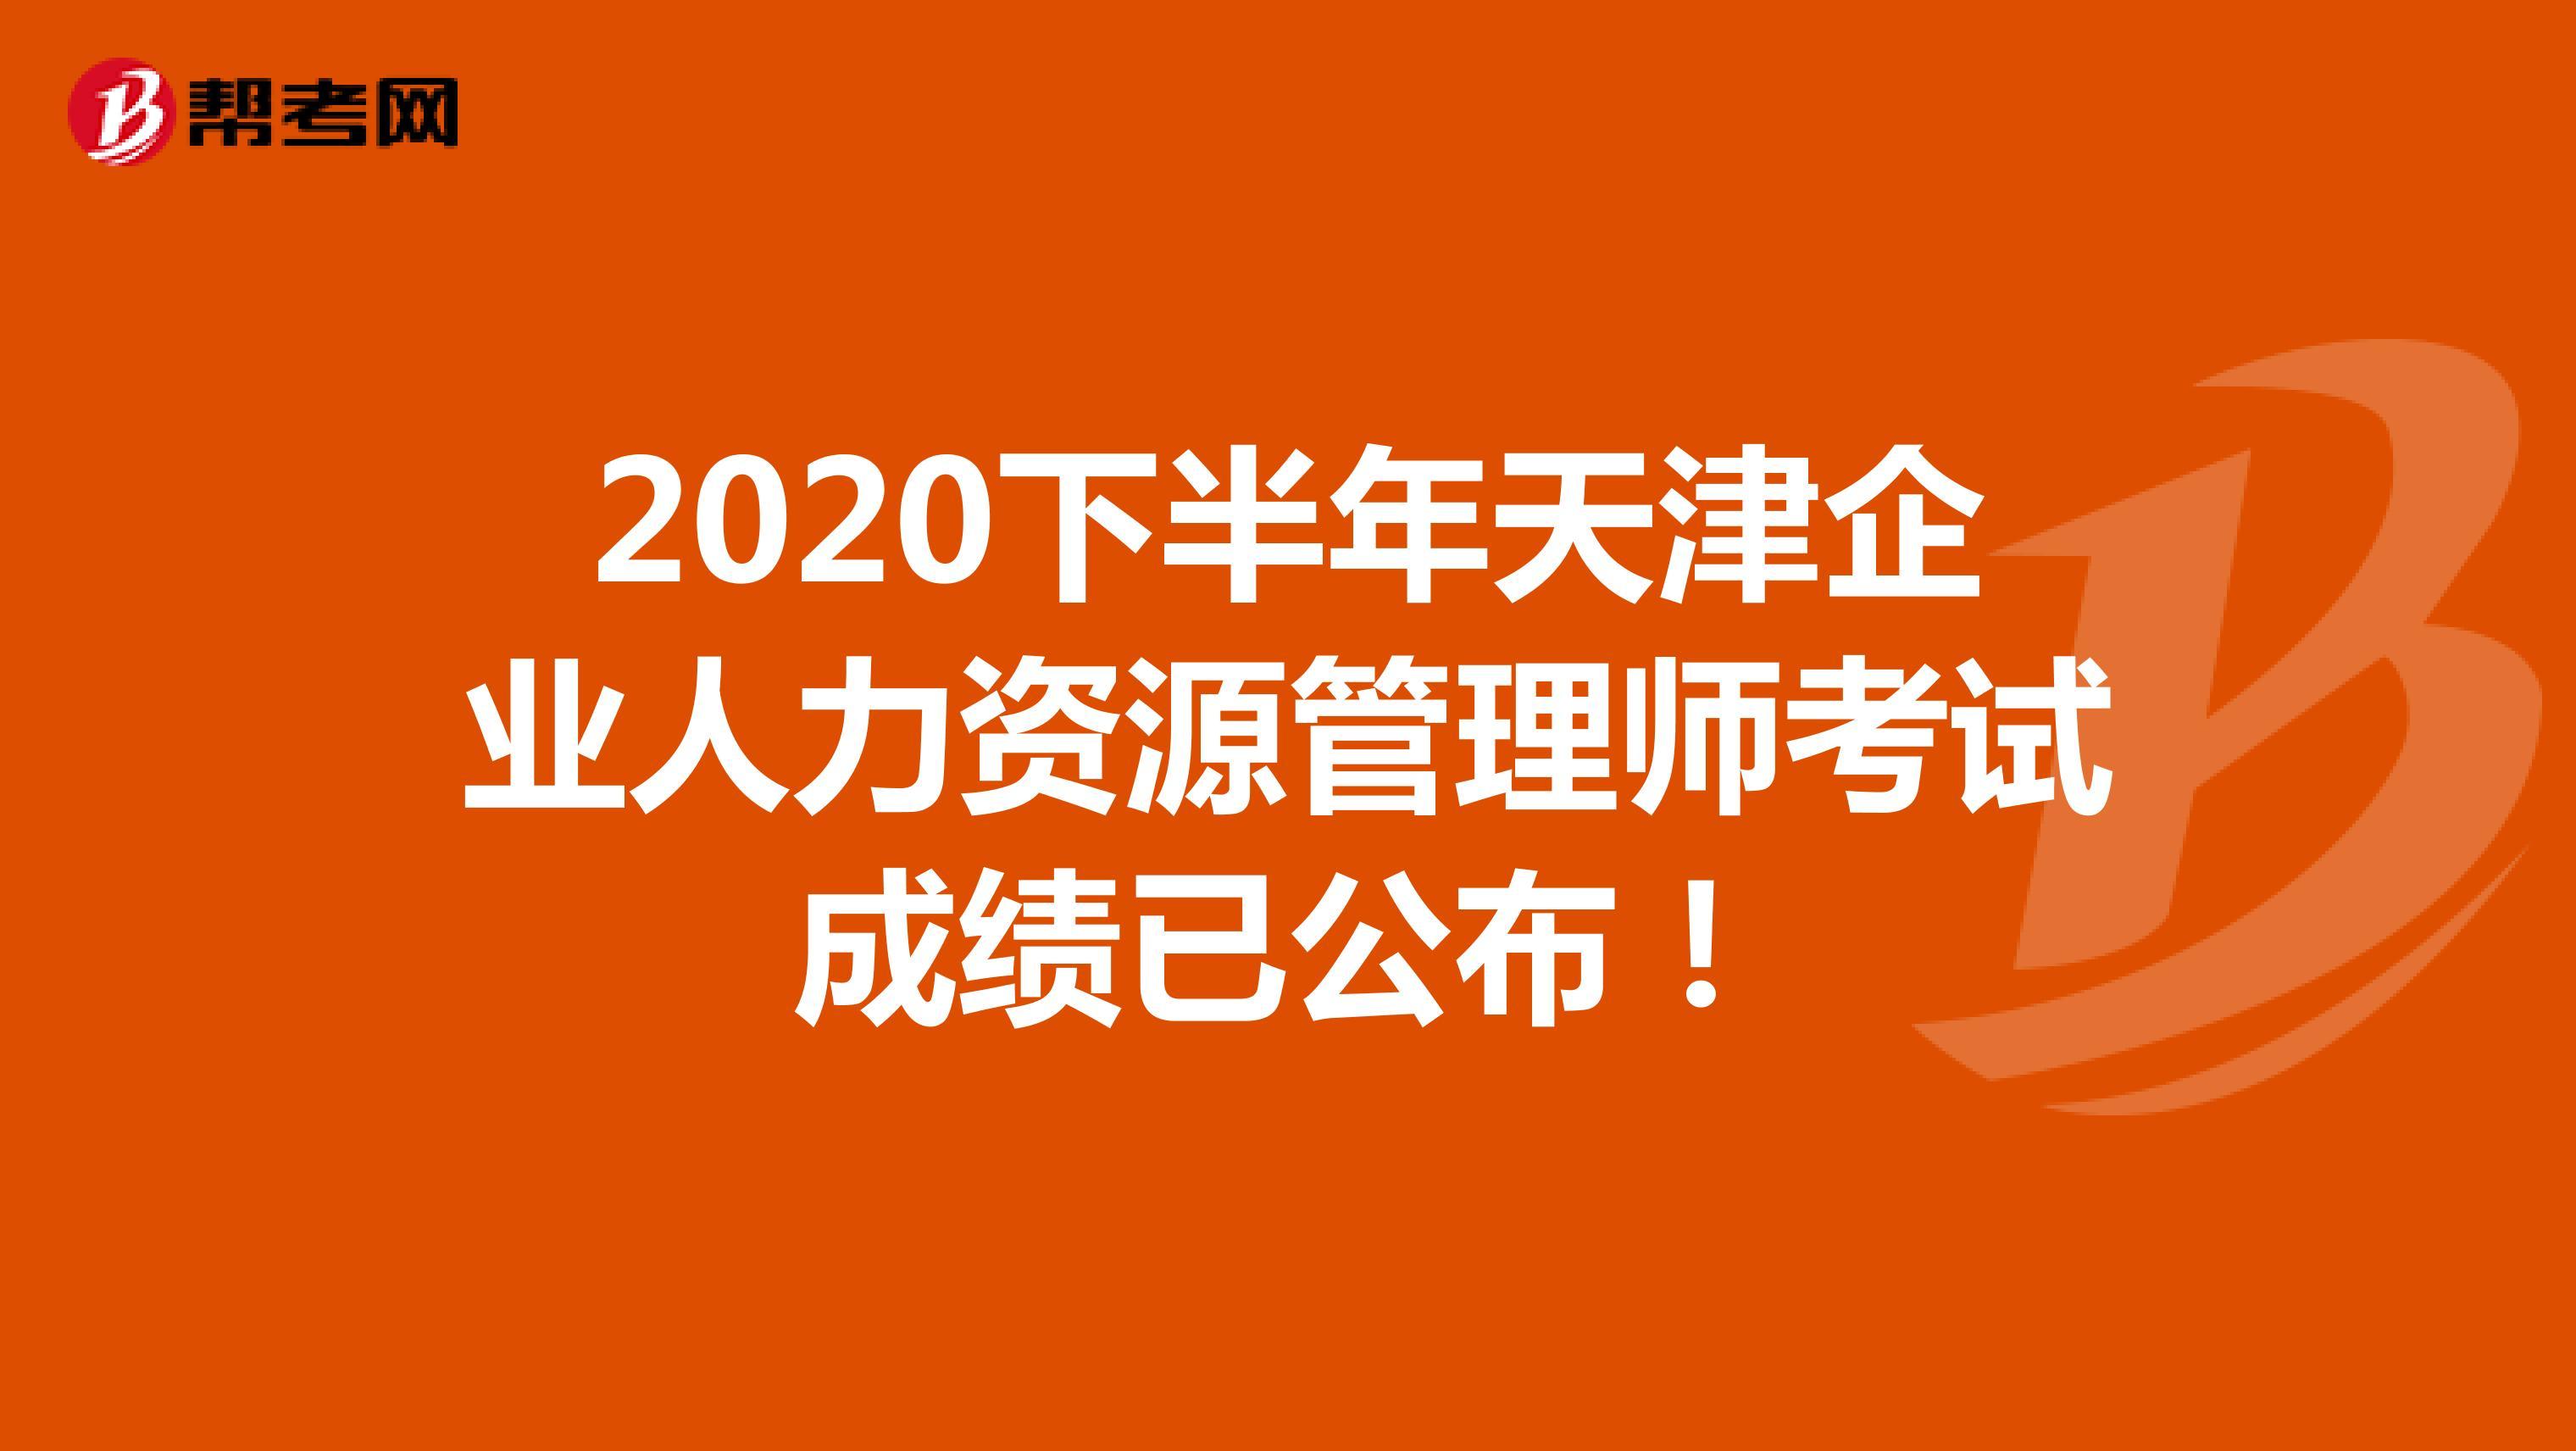 2020下半年天津企業人力資源管理師考試成績已公布!